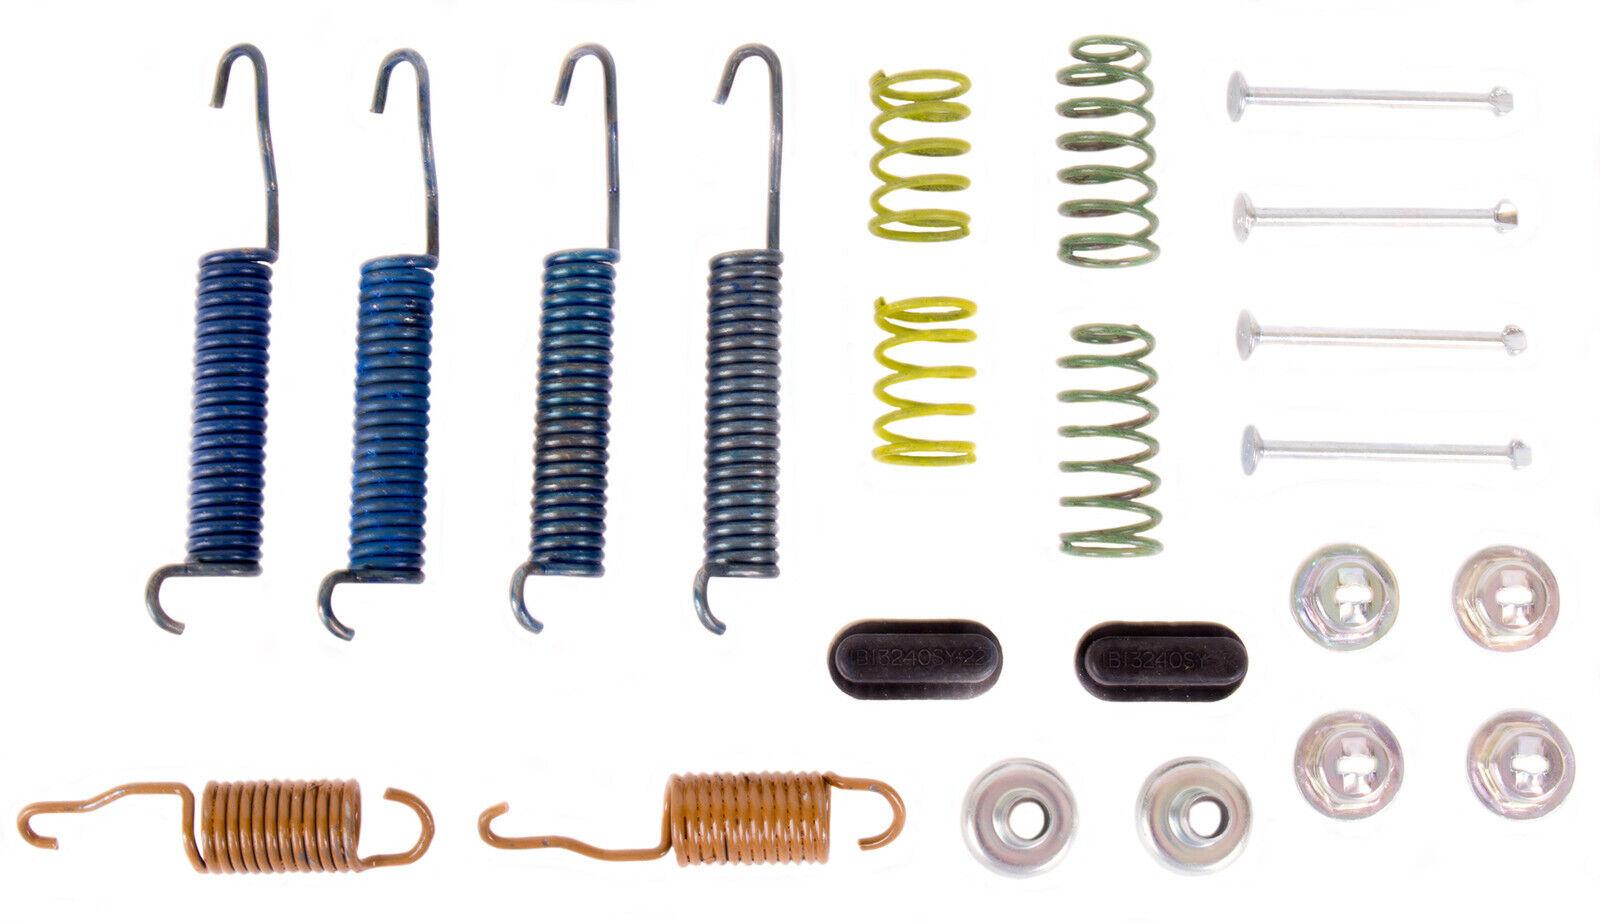 manual brakes 1964-65 Buick Riviera Standard Brake Rebuild Kit